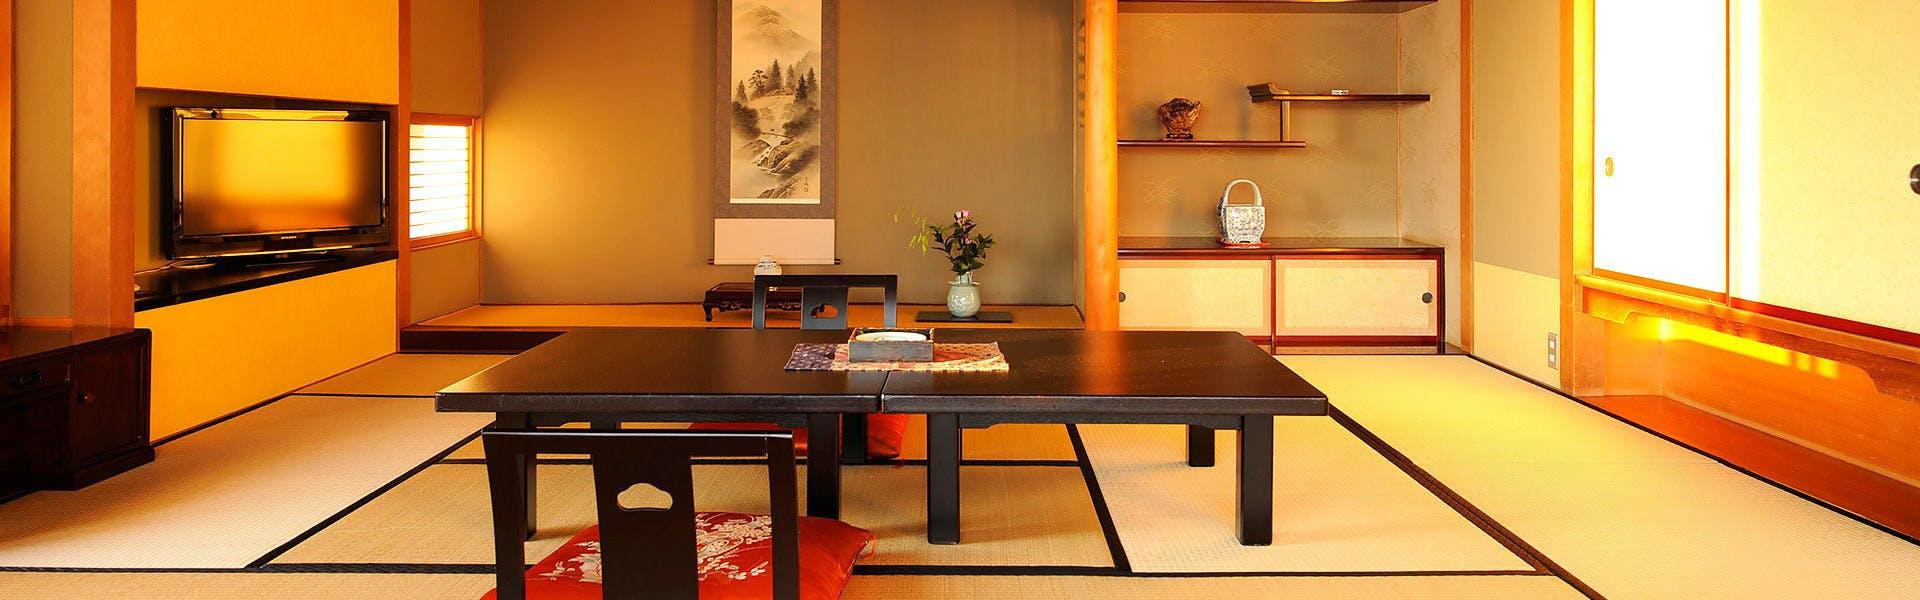 記念日におすすめのホテル・和倉温泉 ホテル海望の写真2